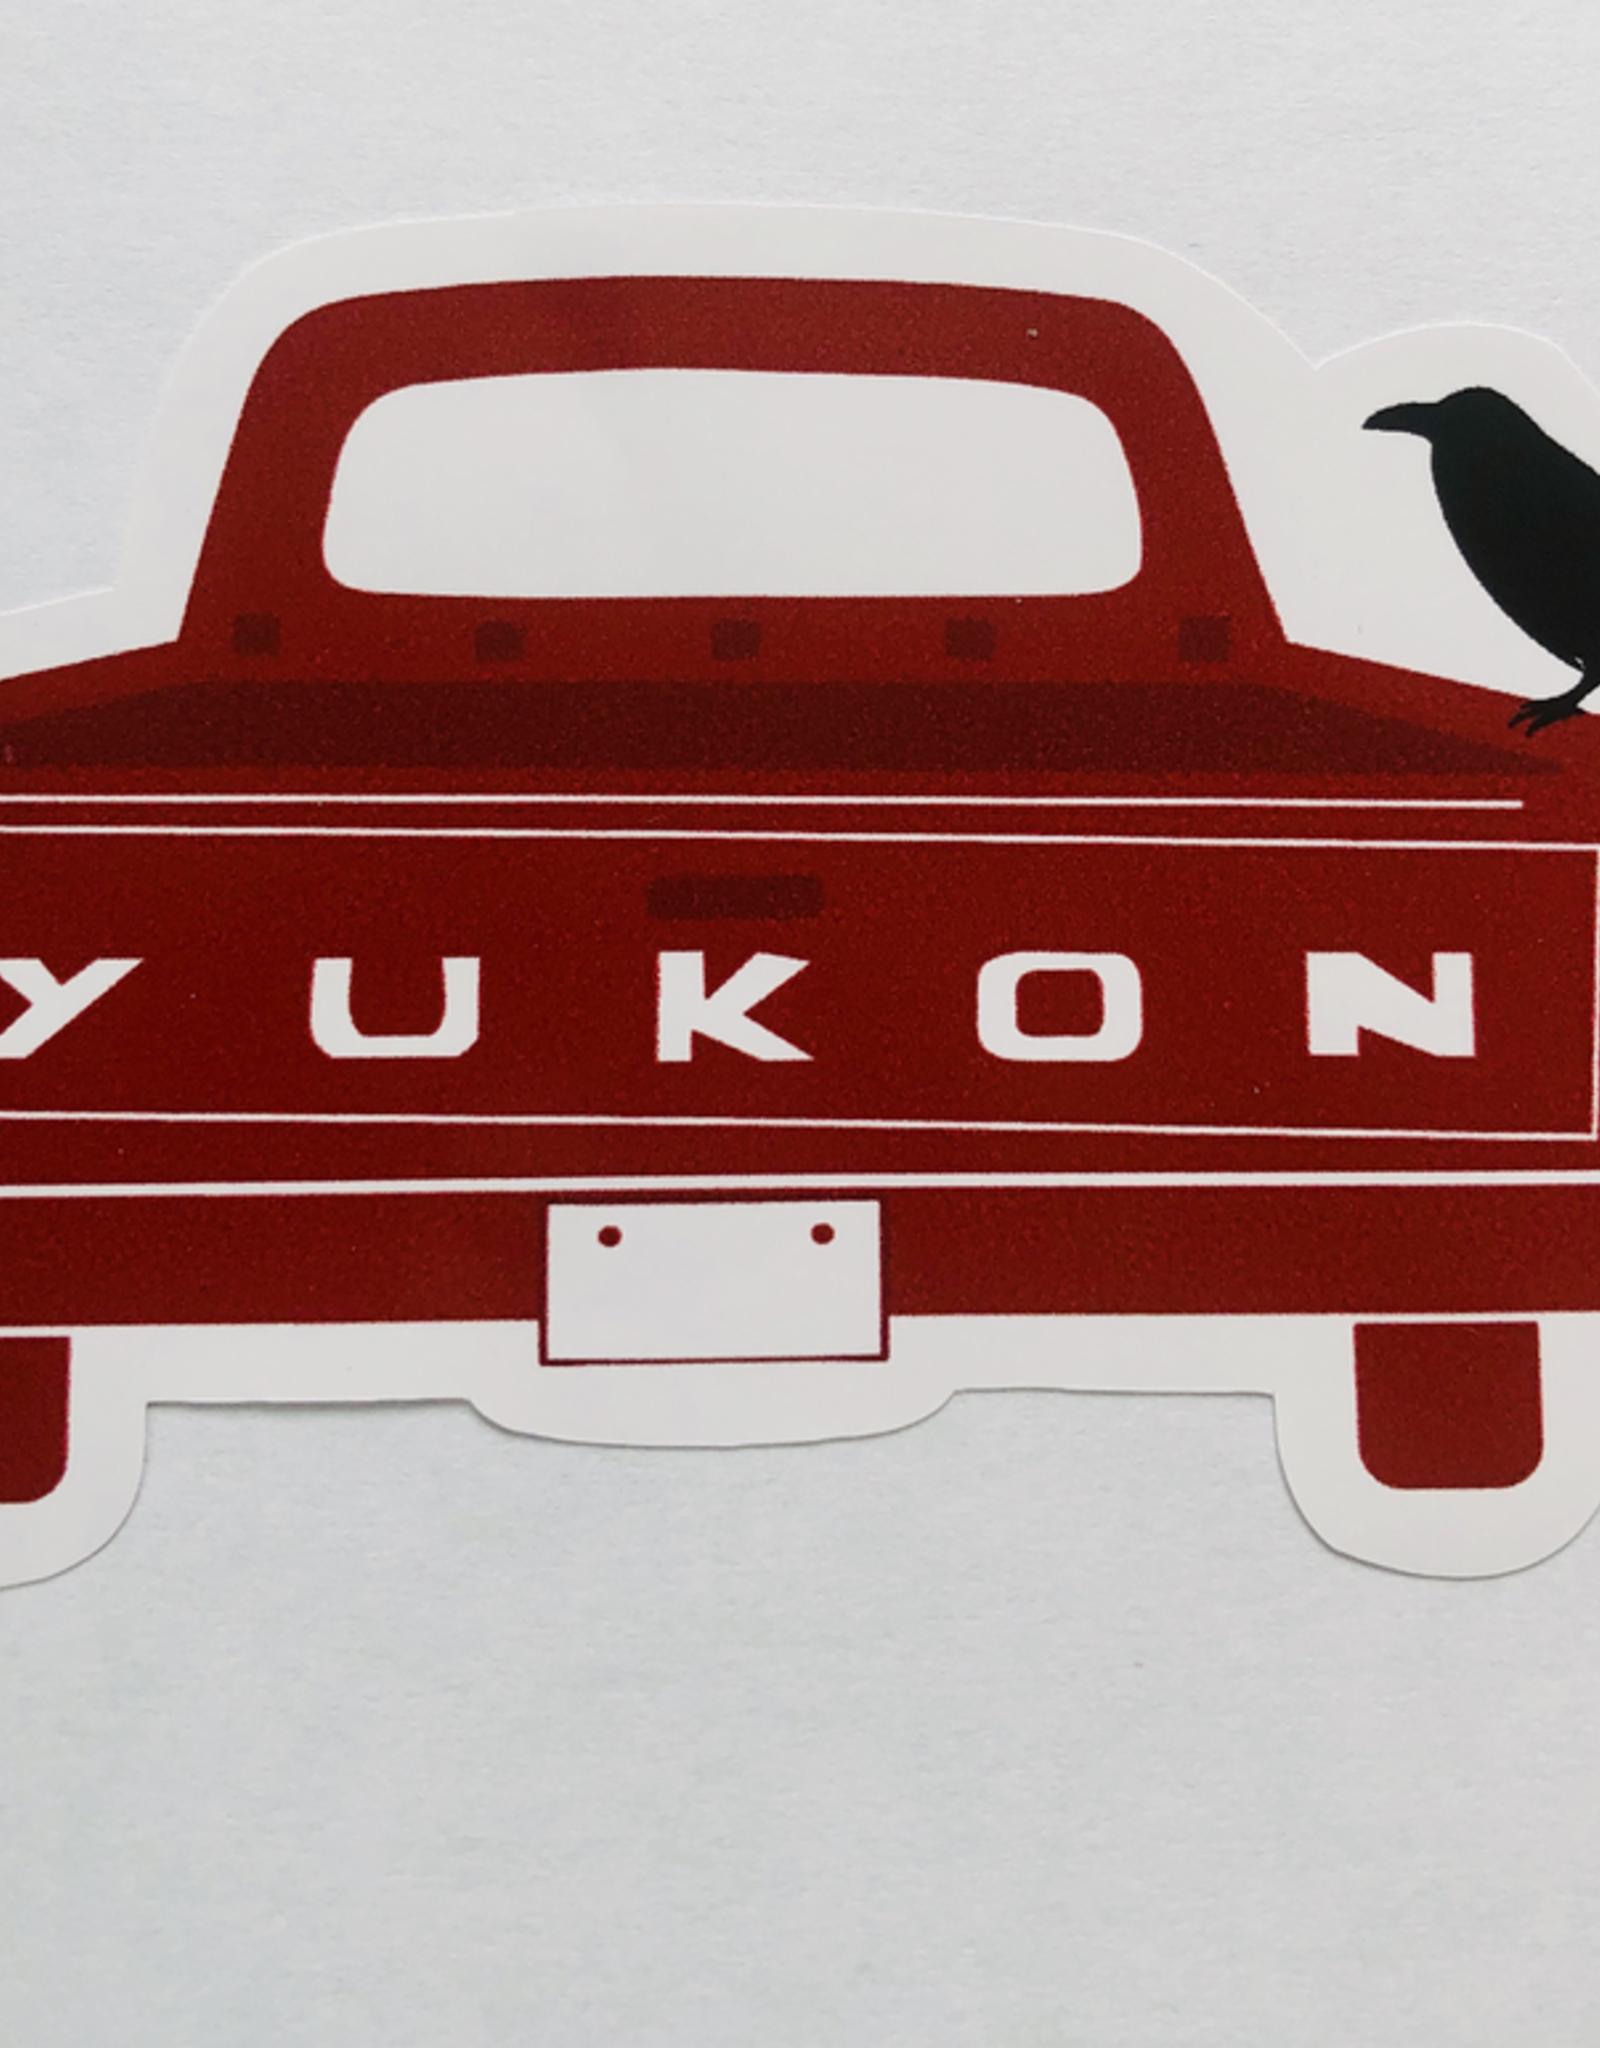 Yukon Truck Sticker